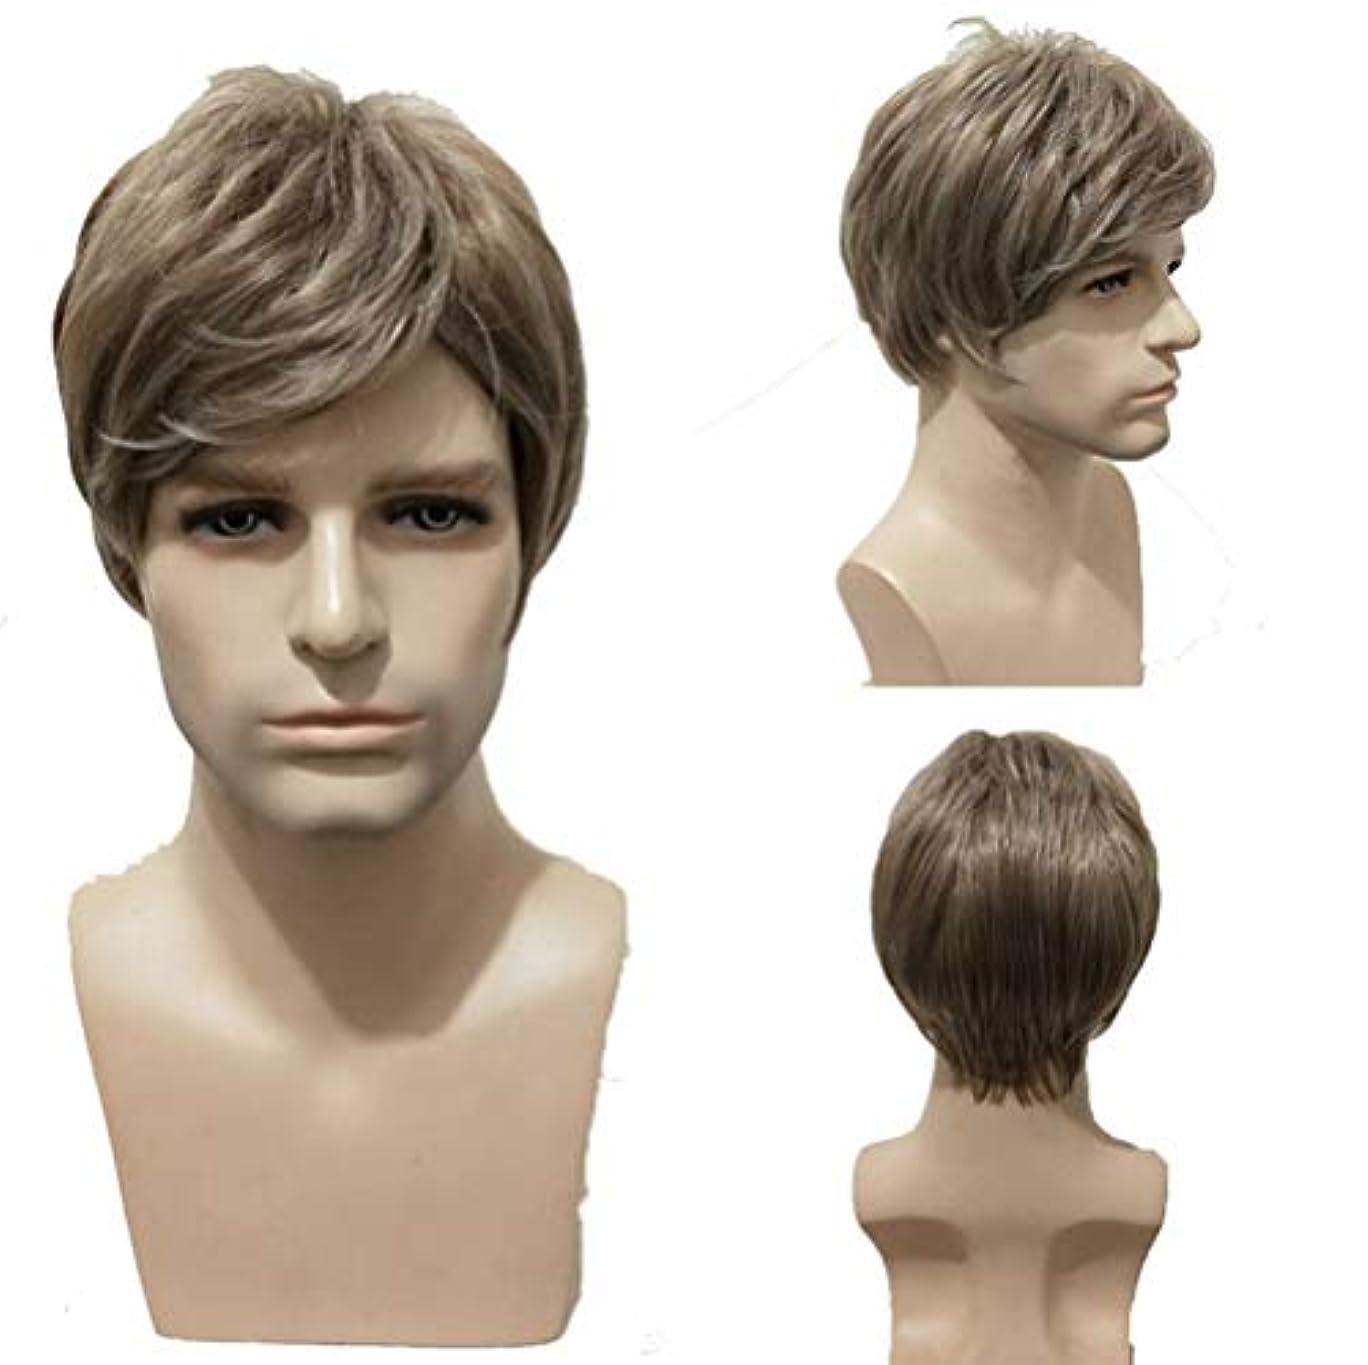 プロフェッショナル可塑性できれば人のかつら150%密度合成耐熱ショートブラジル人毛ウィッグブラウン28cm